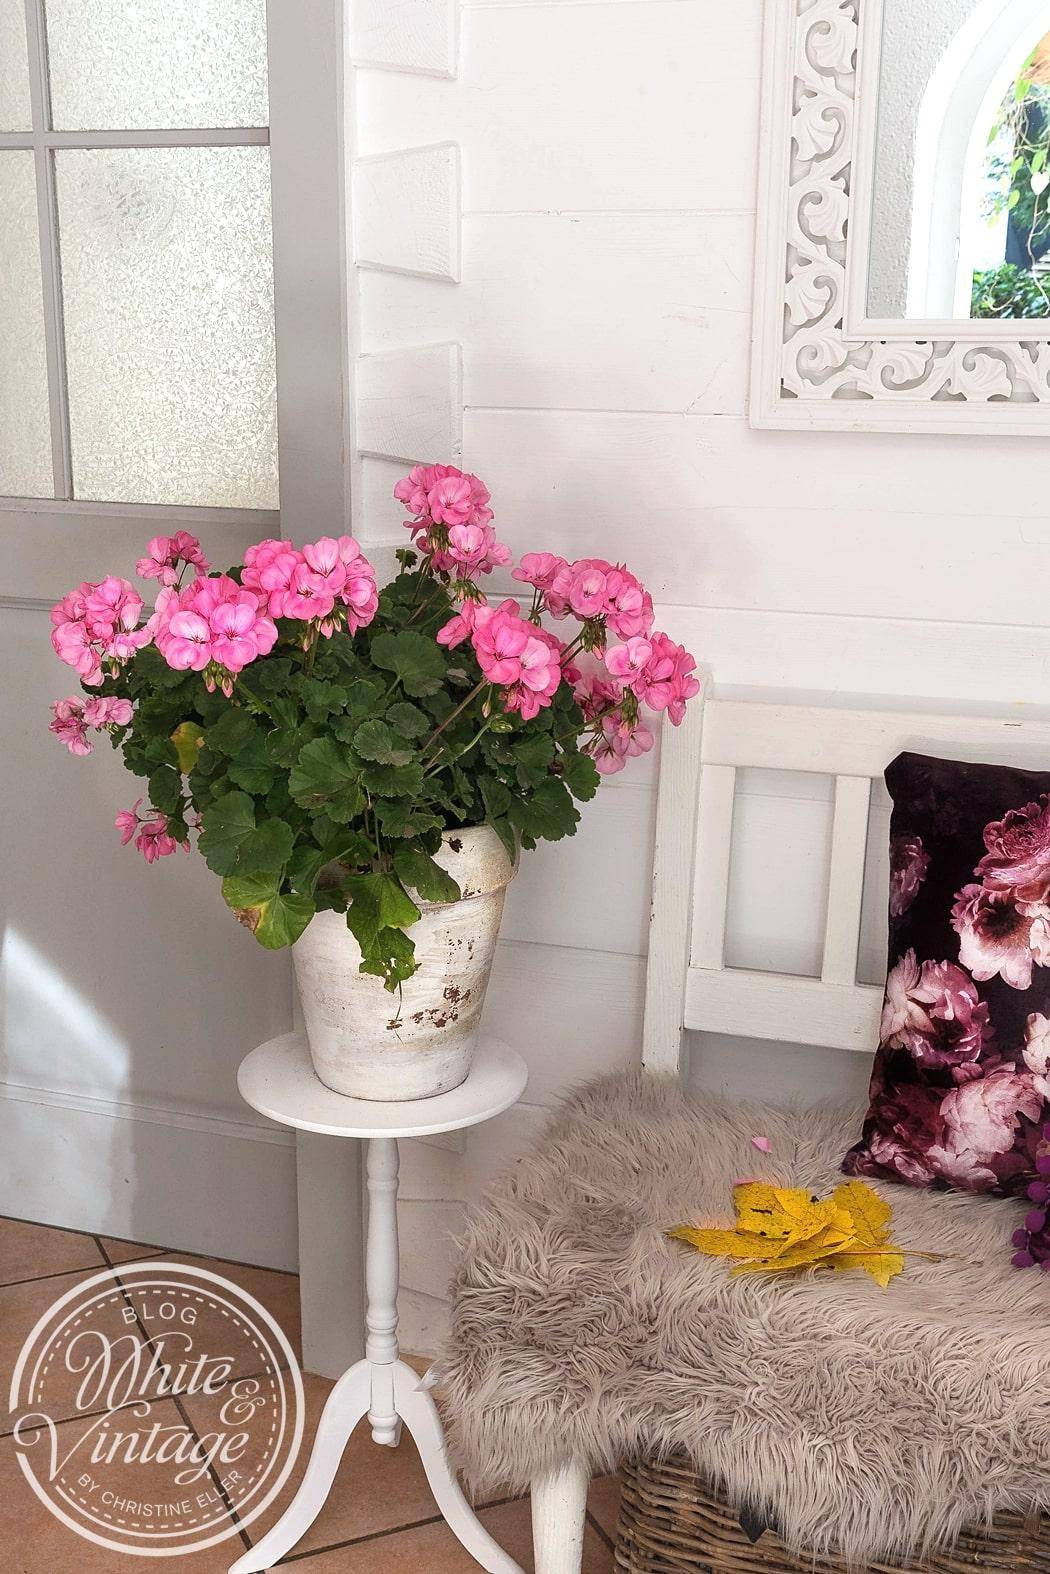 Blumen und Pflanzen in Wohnräumen sind Stimmungsmacher und vertreiben jeglichen Novemberblues.